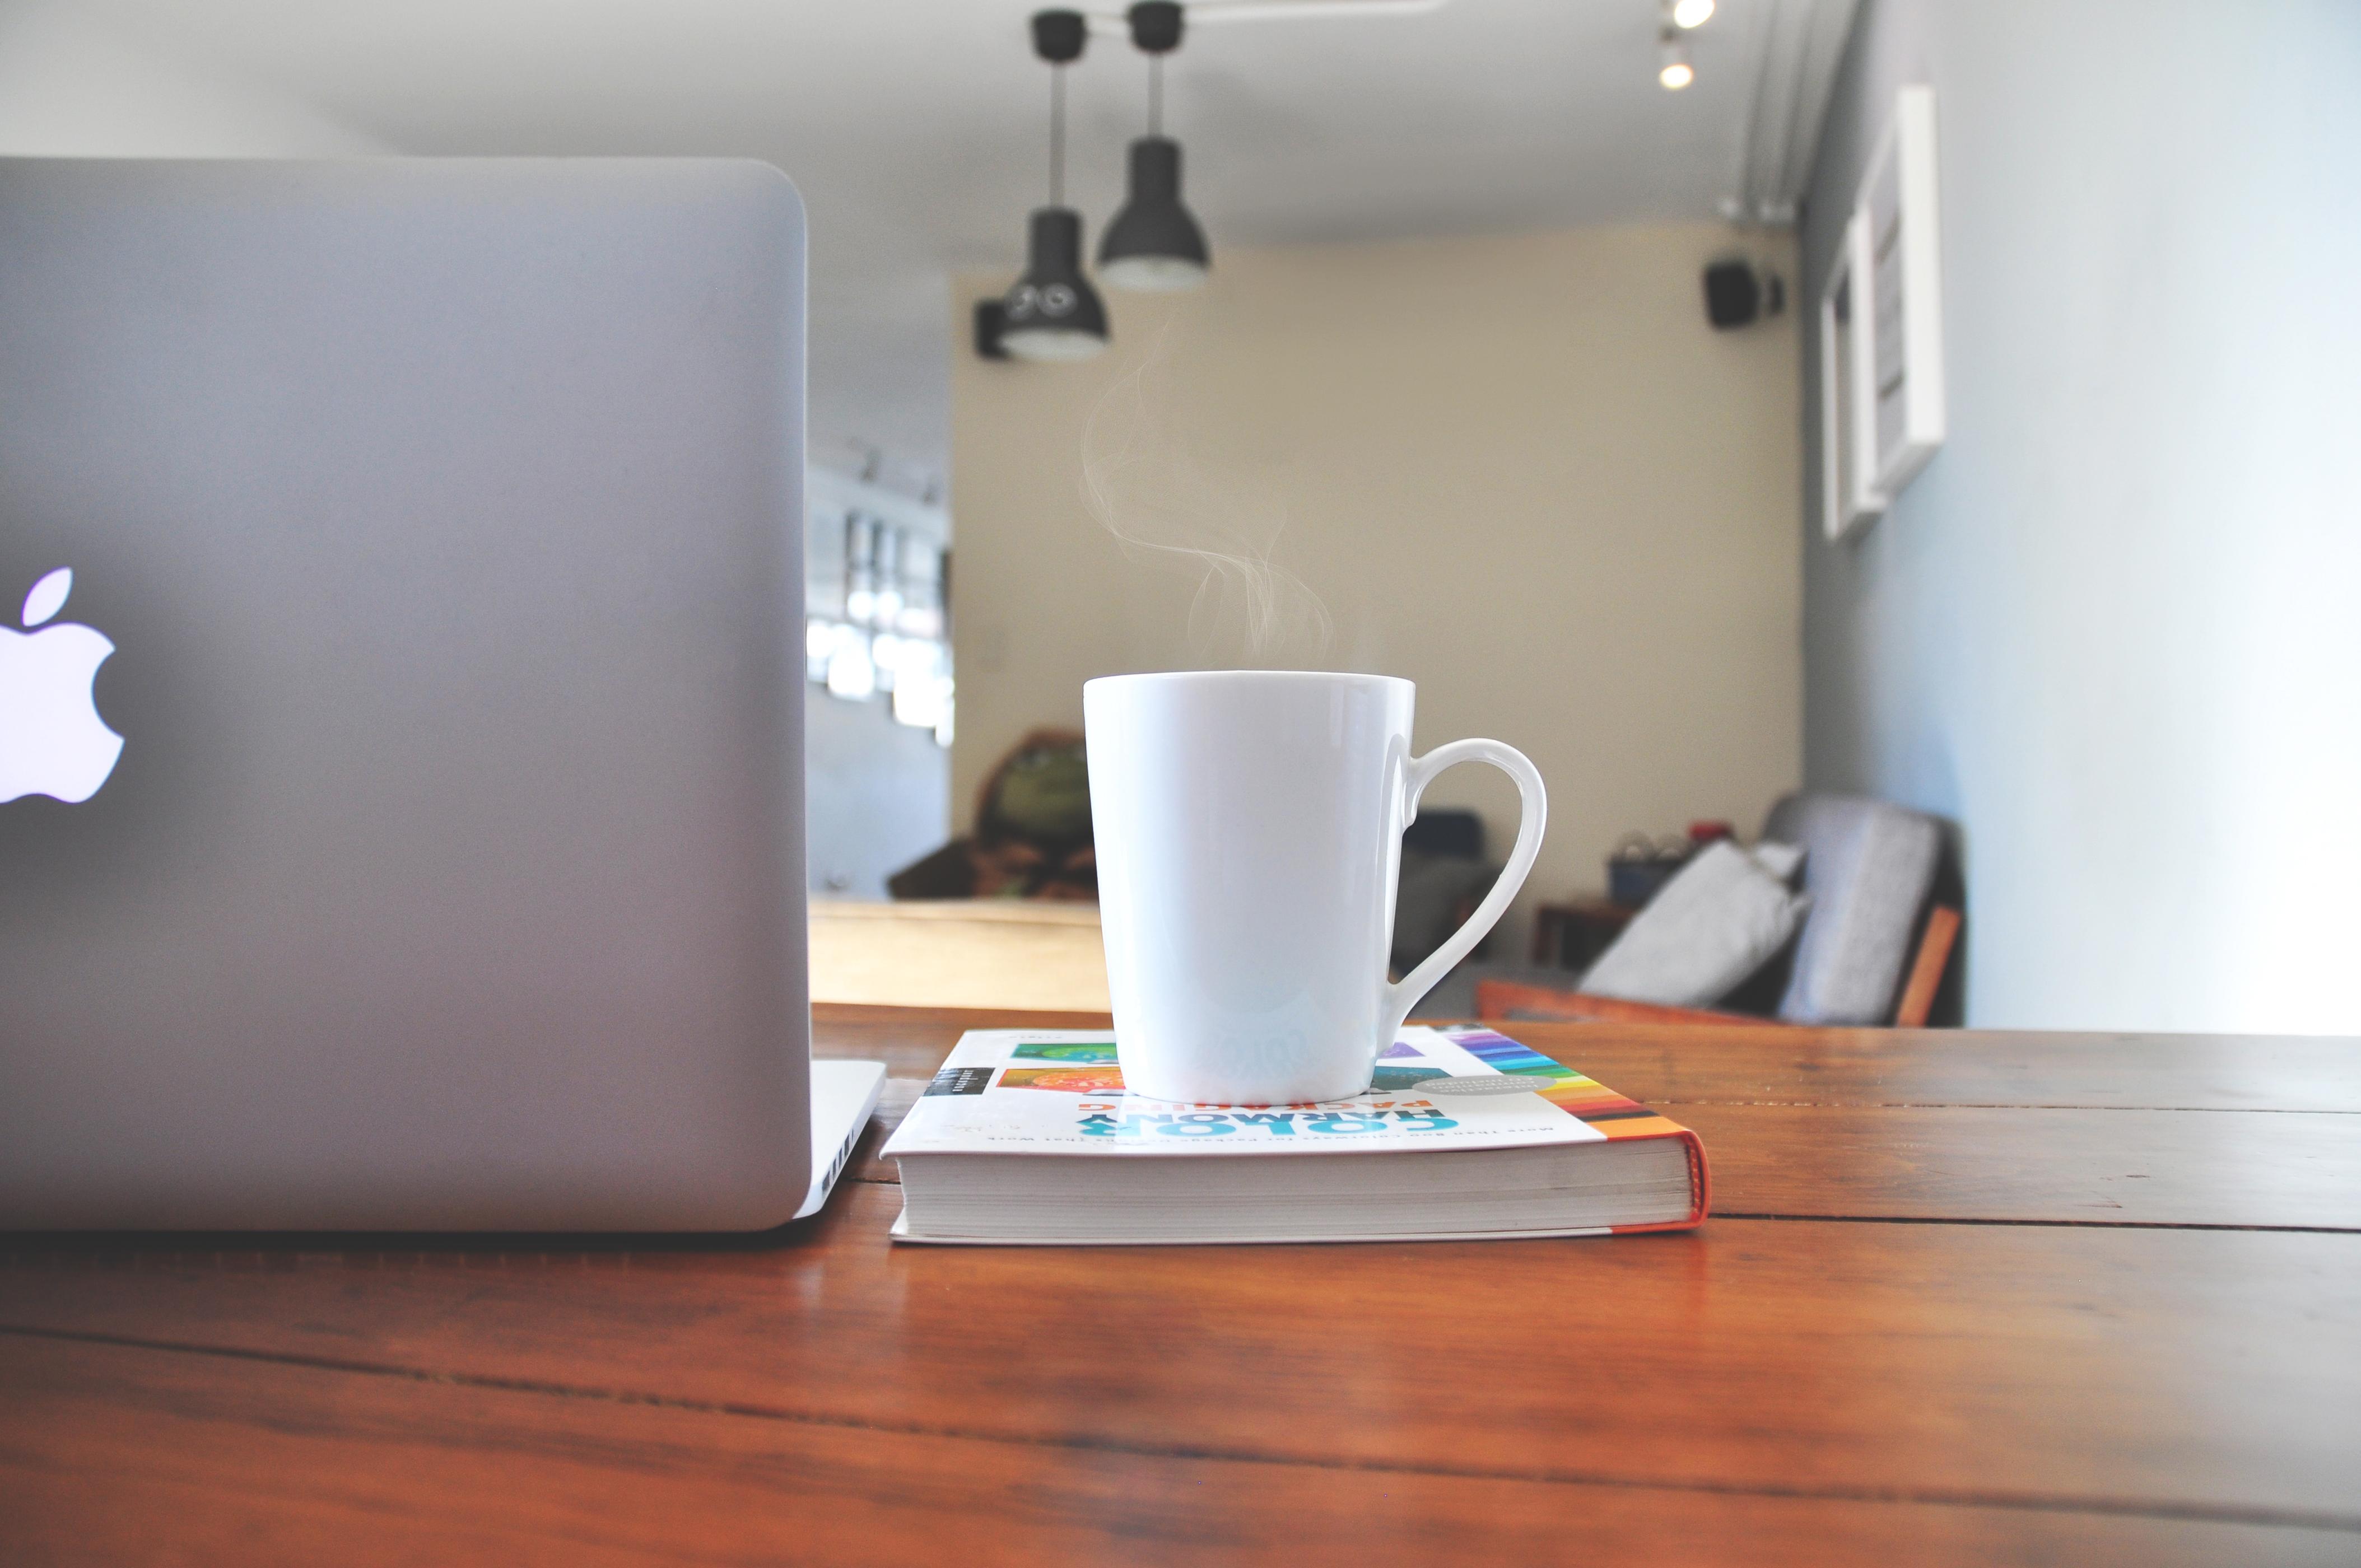 Mesa-y-café2